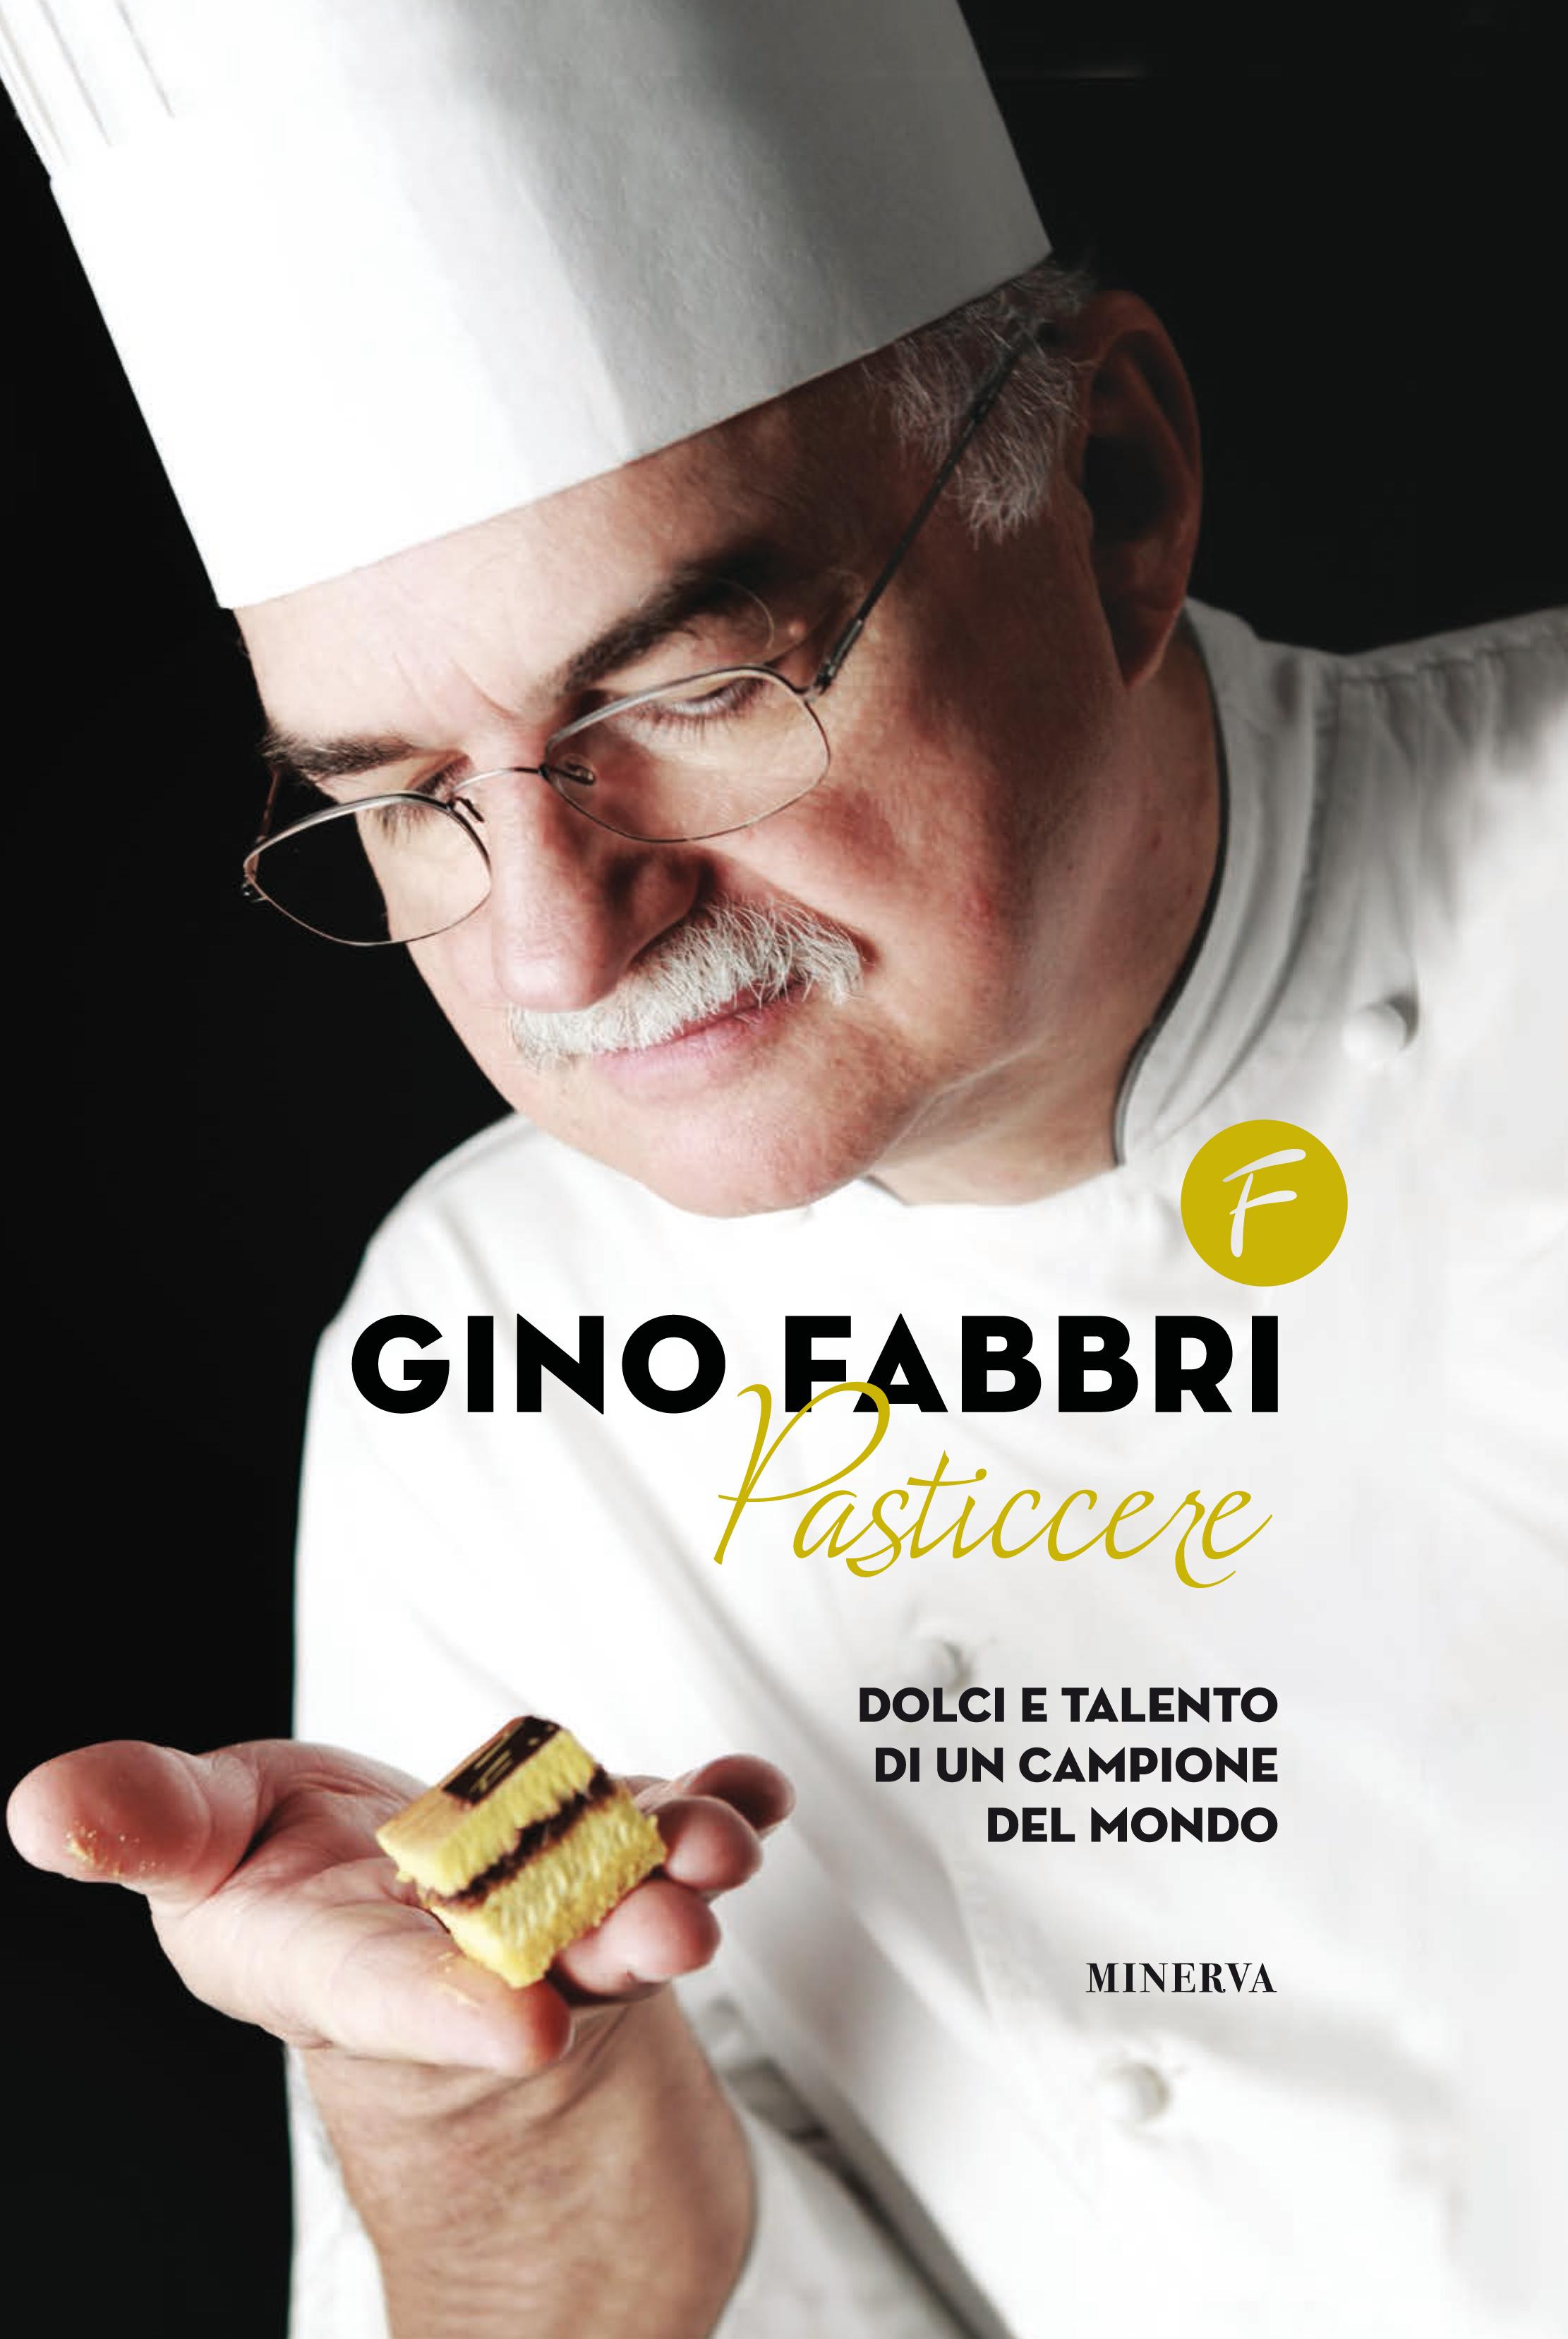 Gino Fabbri pasticcere